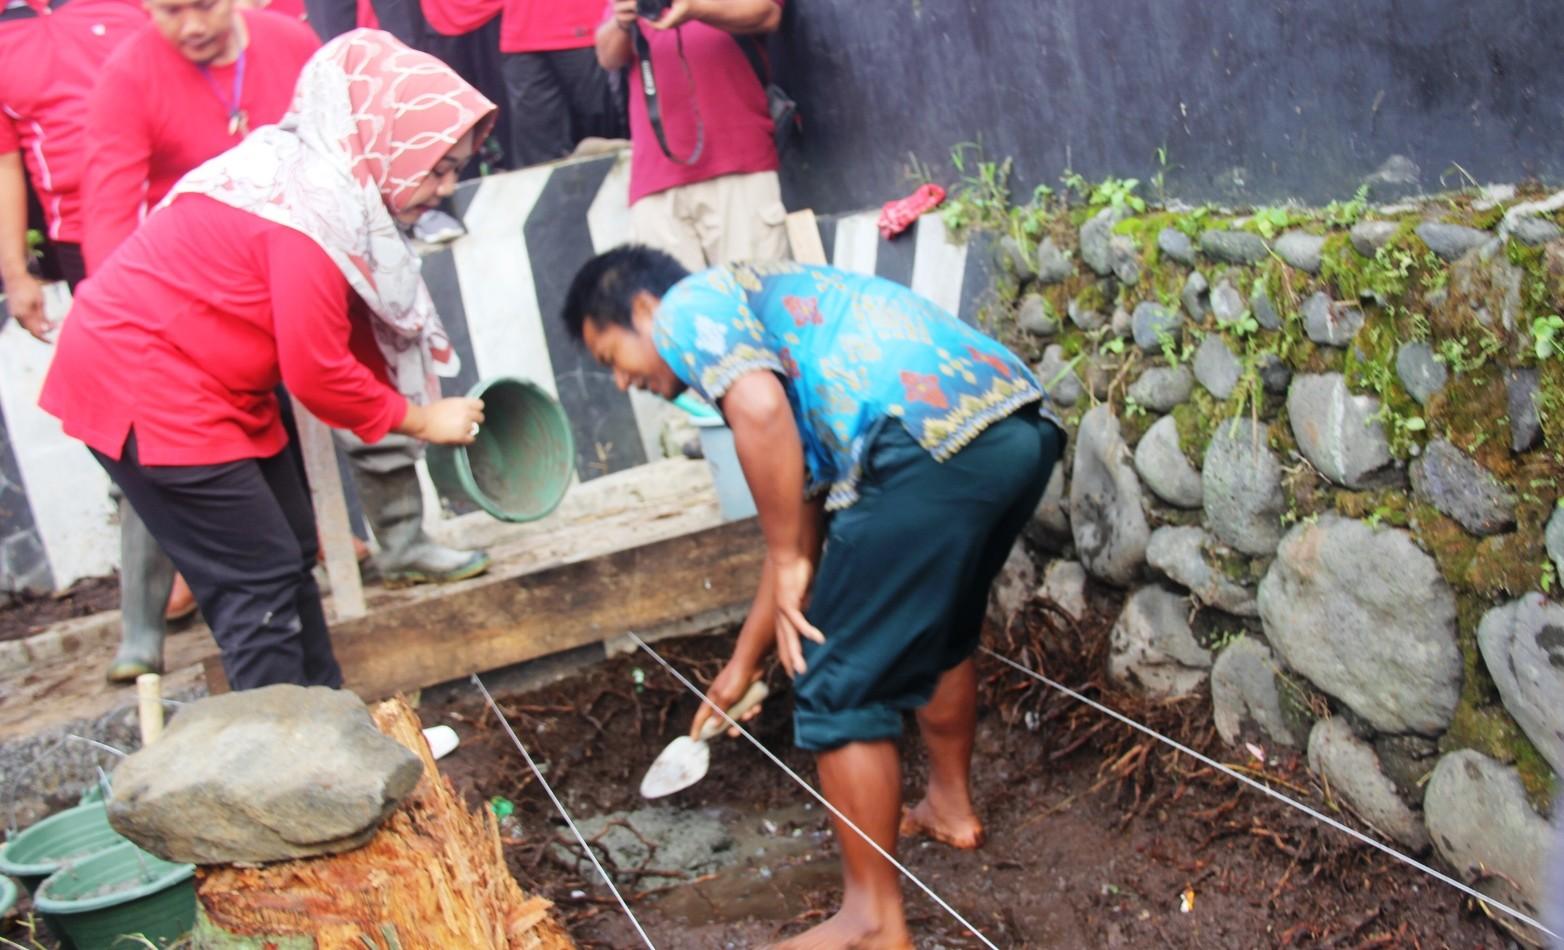 Geliat Pembangunan Bagus, Plt. Bupati Bantu Pembangunan Gapura Desa Prigi